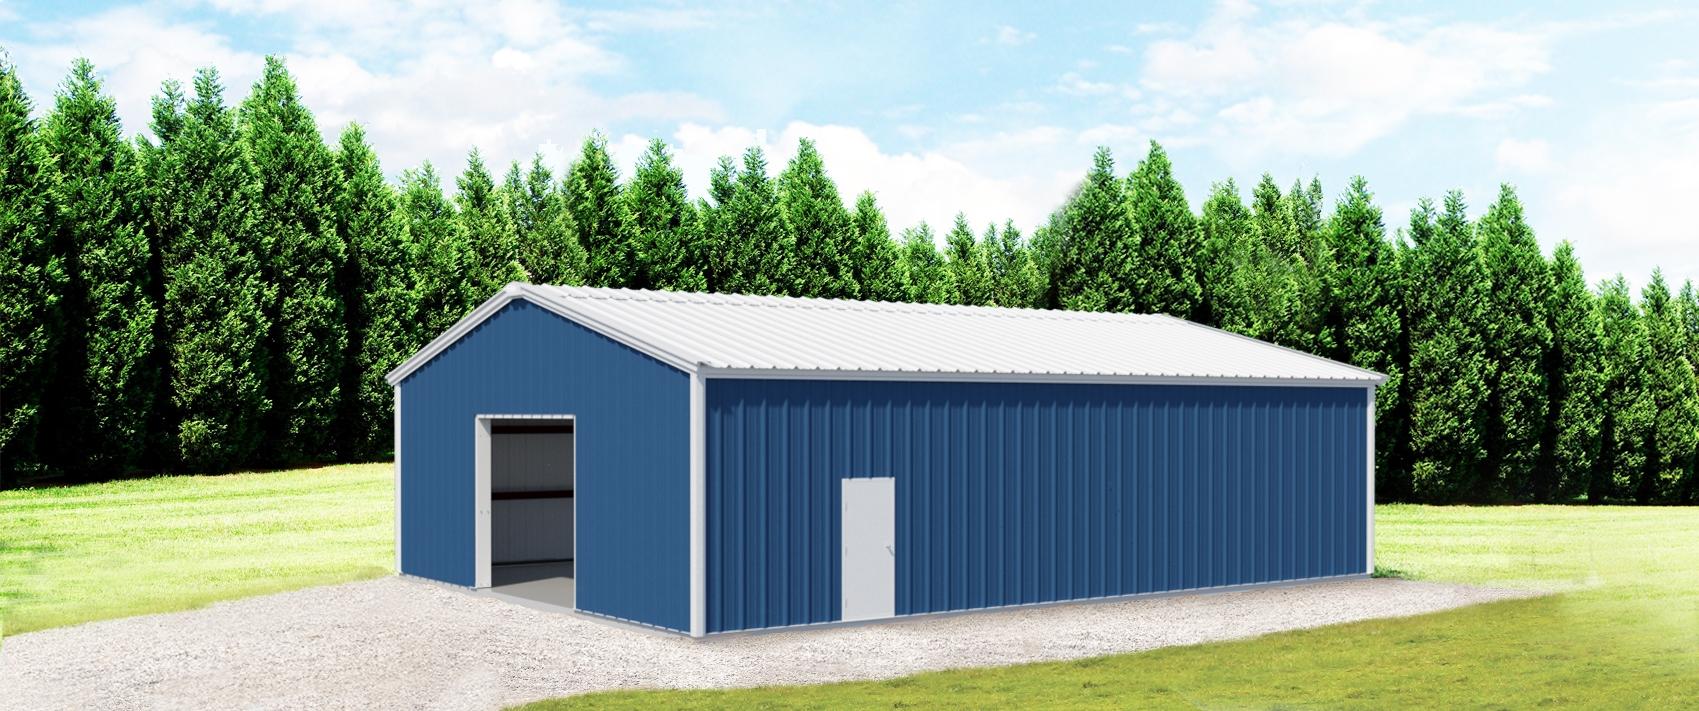 Pre-engineered Steel Building Kits